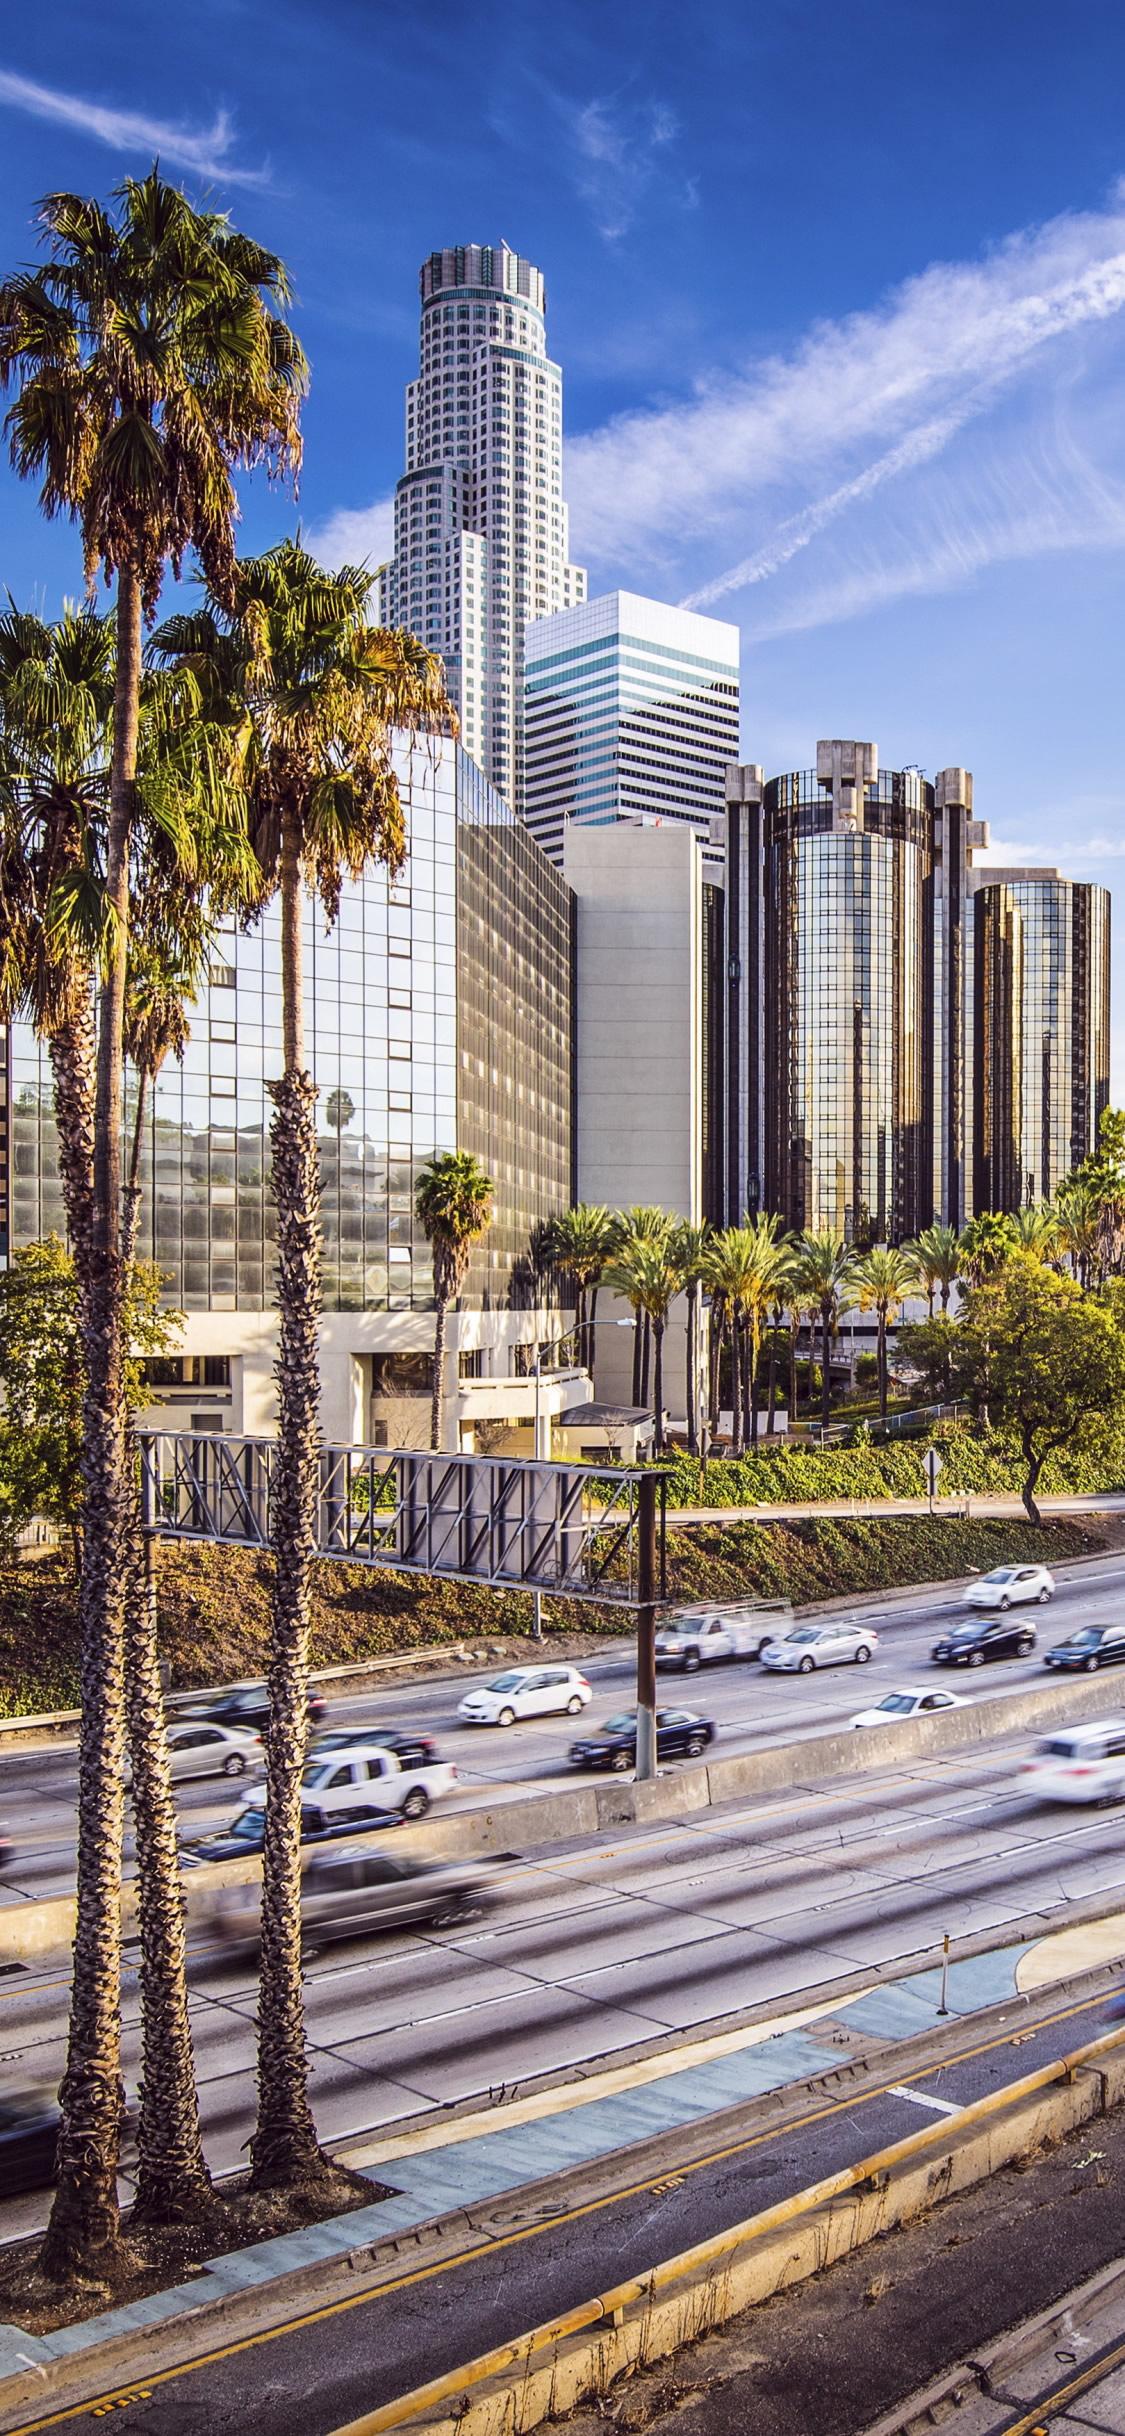 ロサンゼルスのスマホ壁紙 1125 2436 場所 Iphoneチーズ